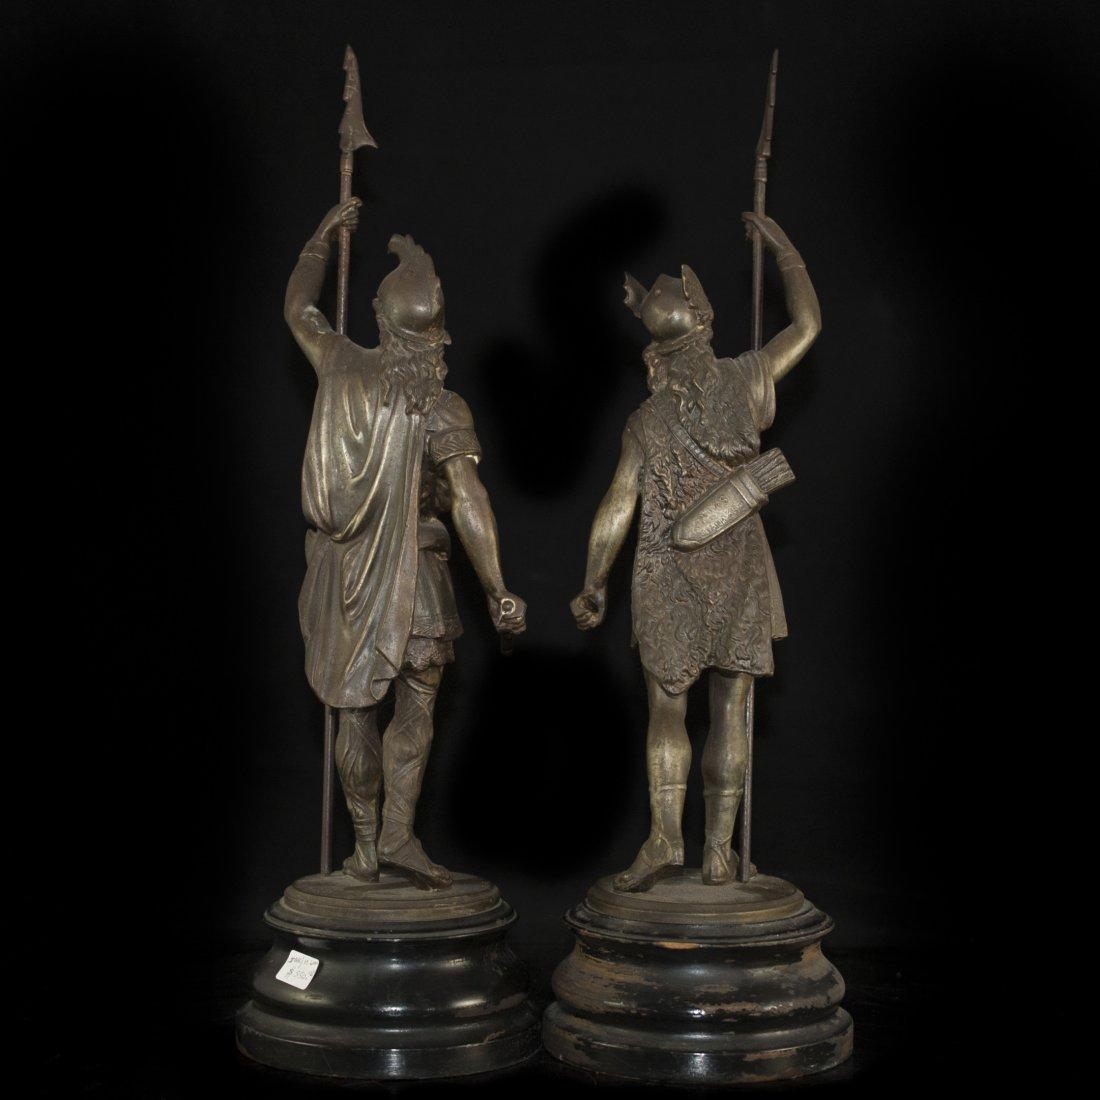 Pair of White Metal Greek God Figurines - 3